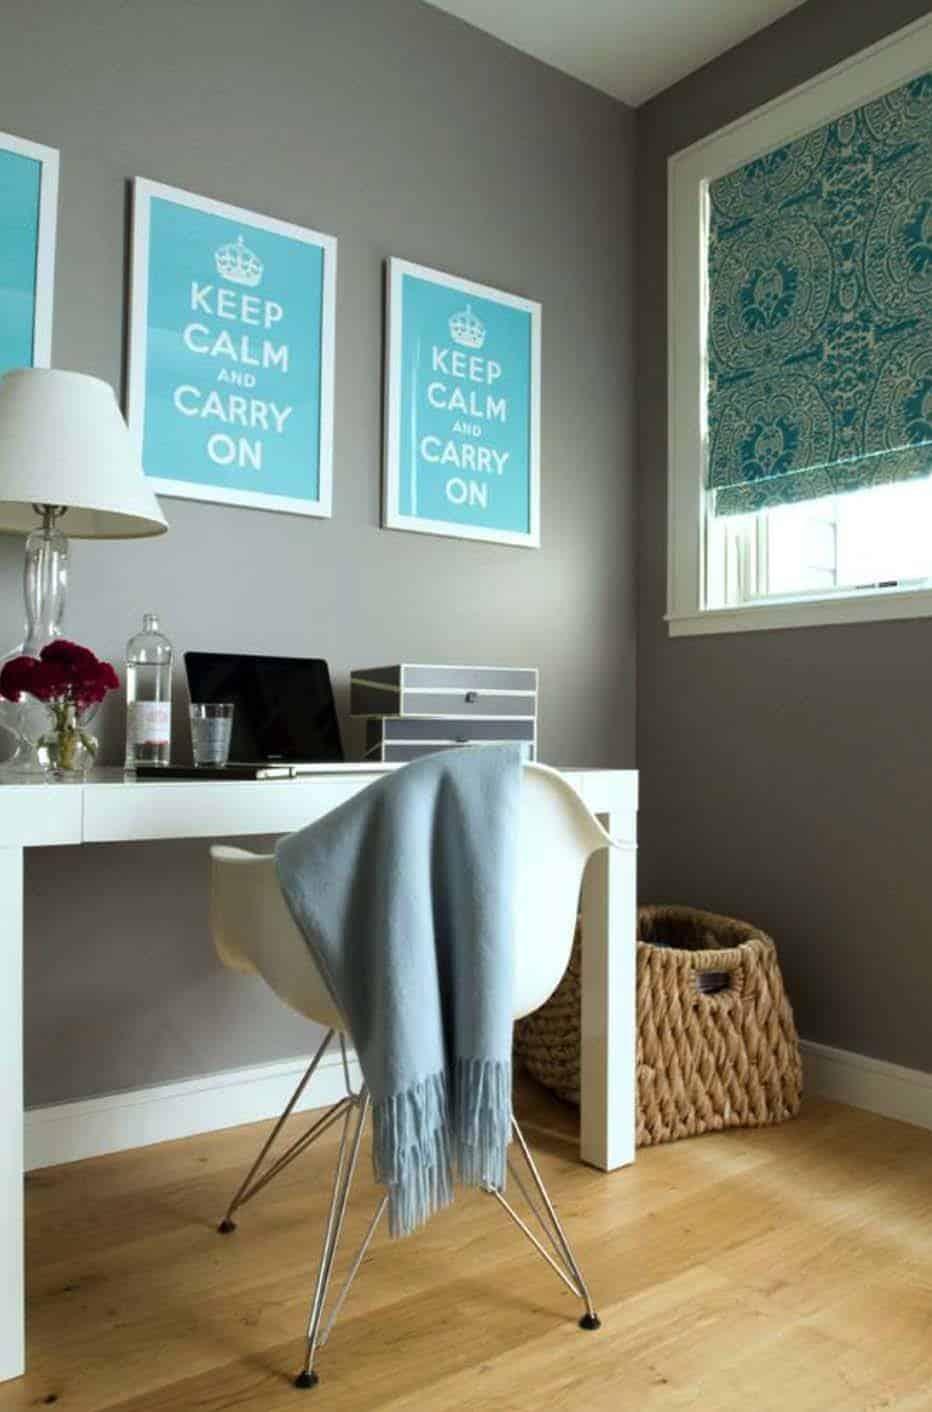 Design-Transitional-Flat-Jute Home-11-1 Kindesign